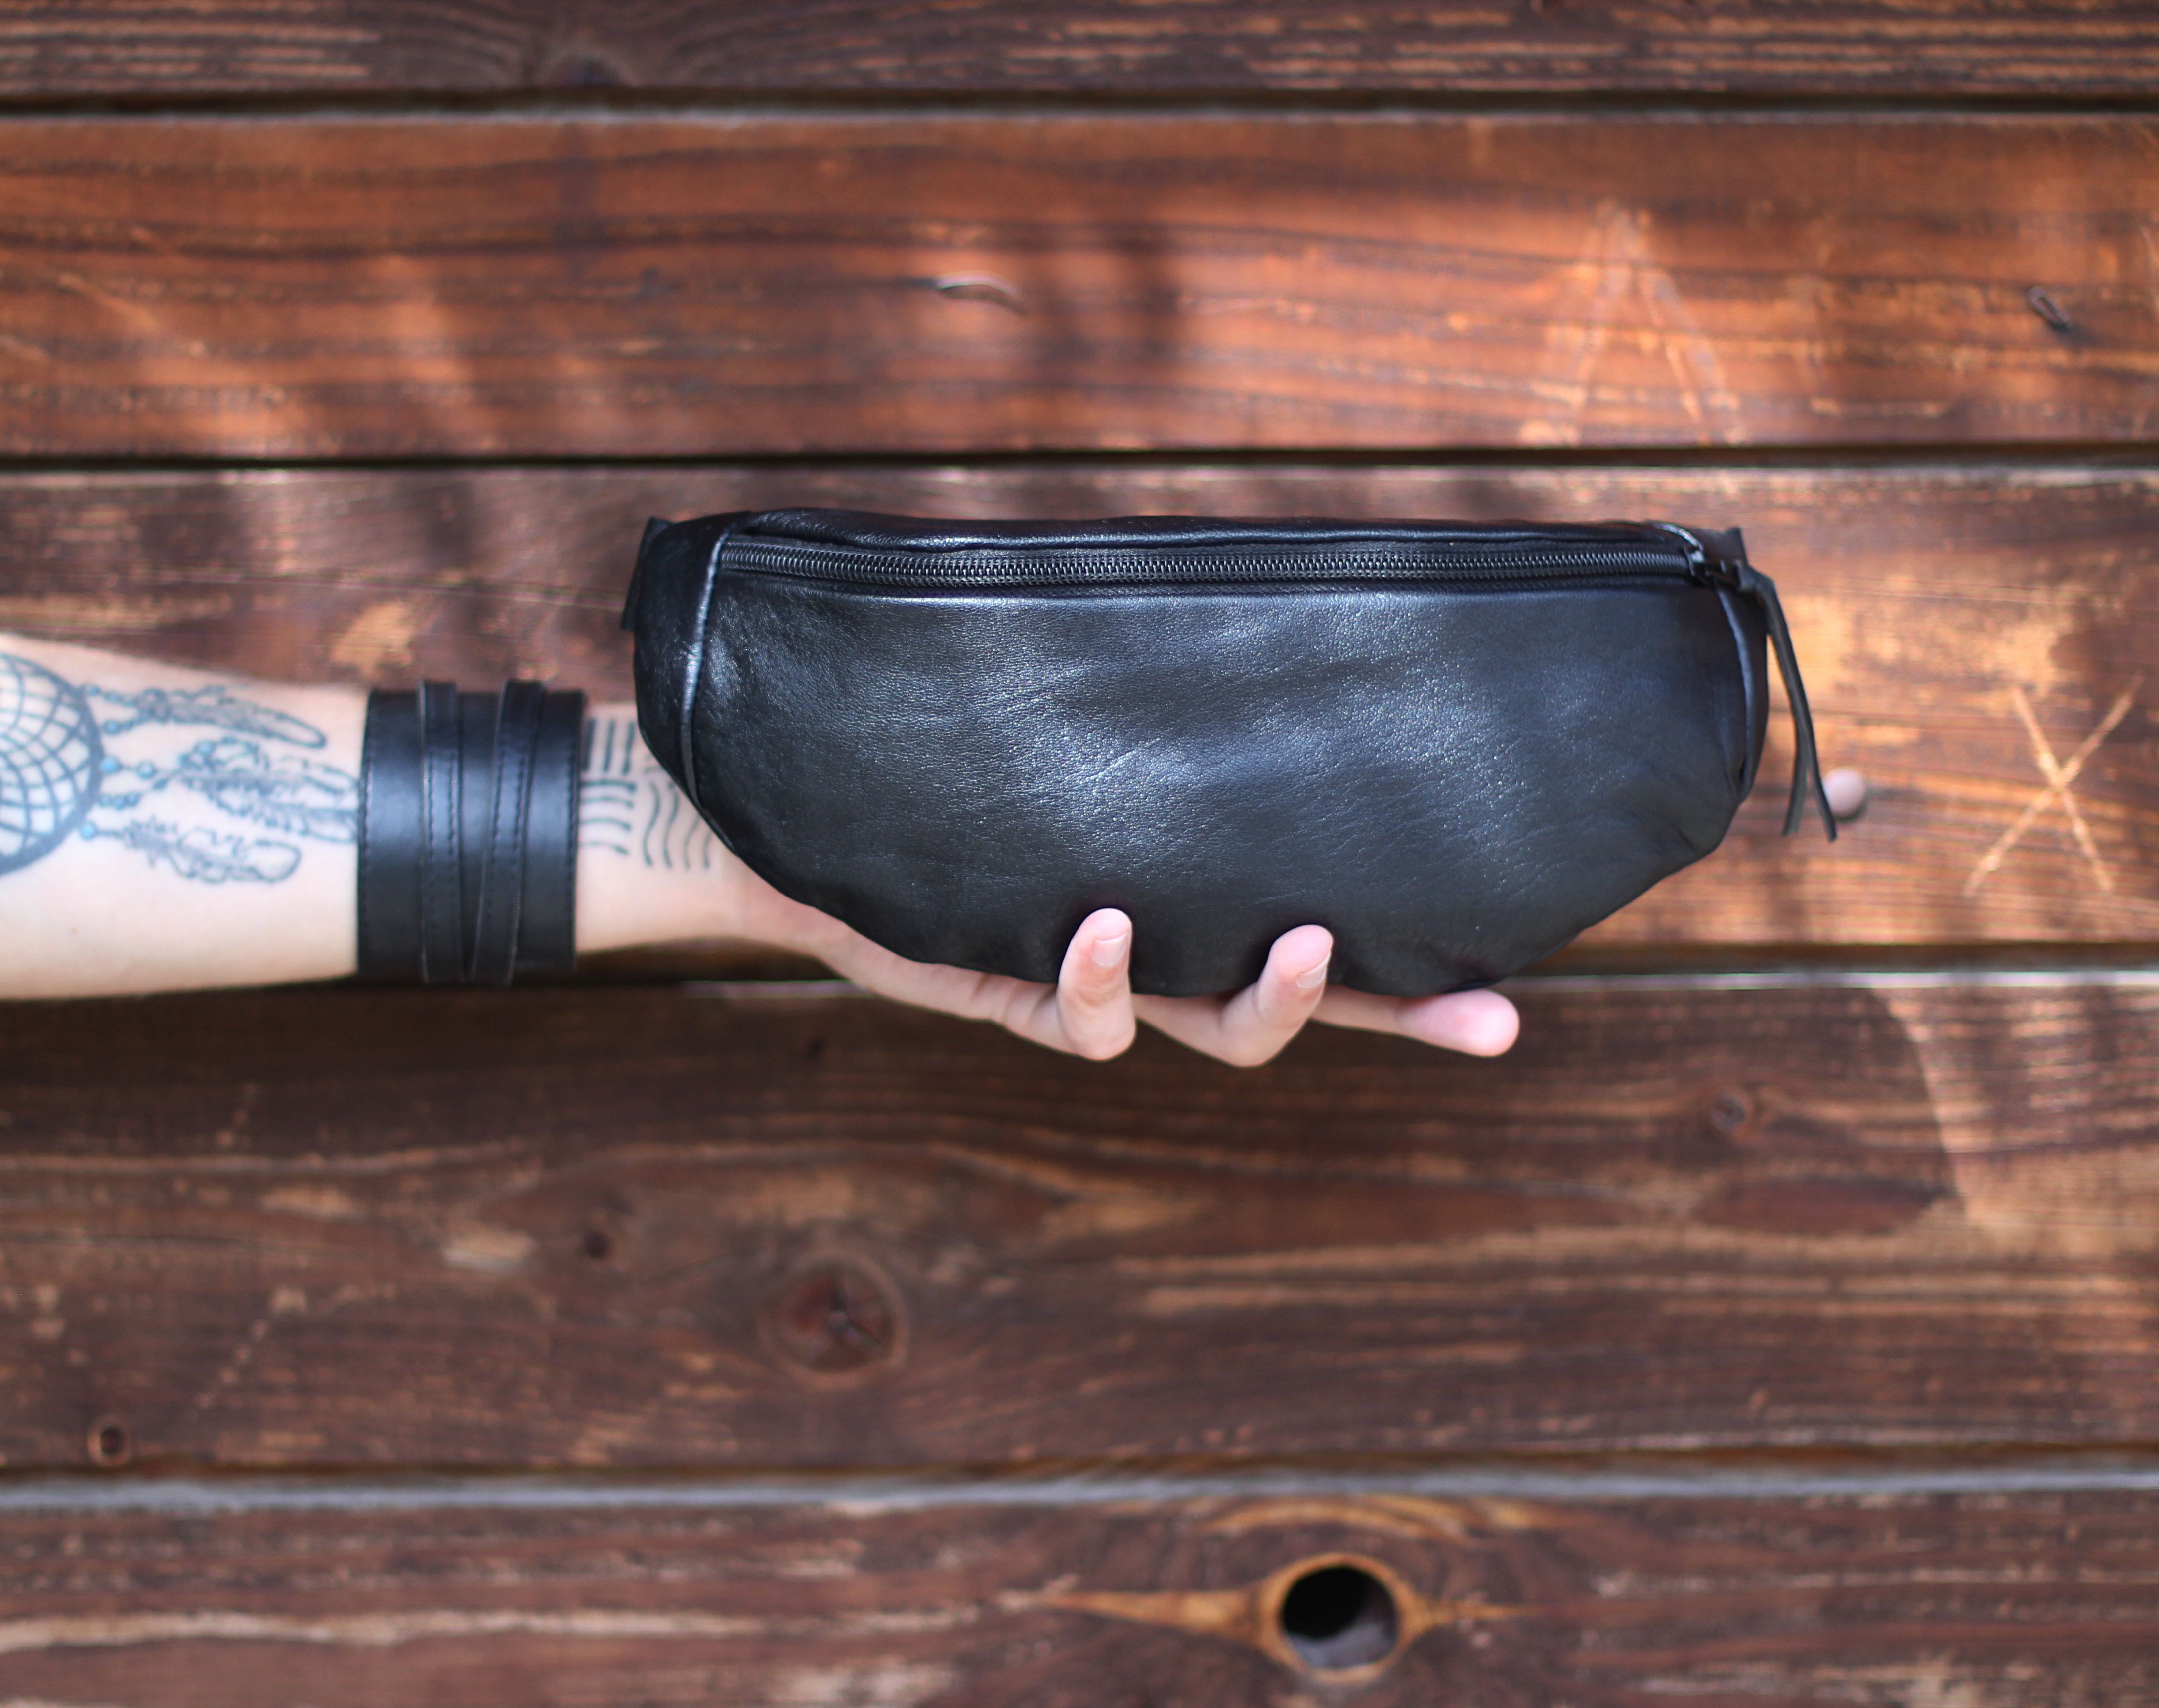 унисекс банан купитьсумку мужская сумка ручная авторская текстиль купить женская кожа подарок